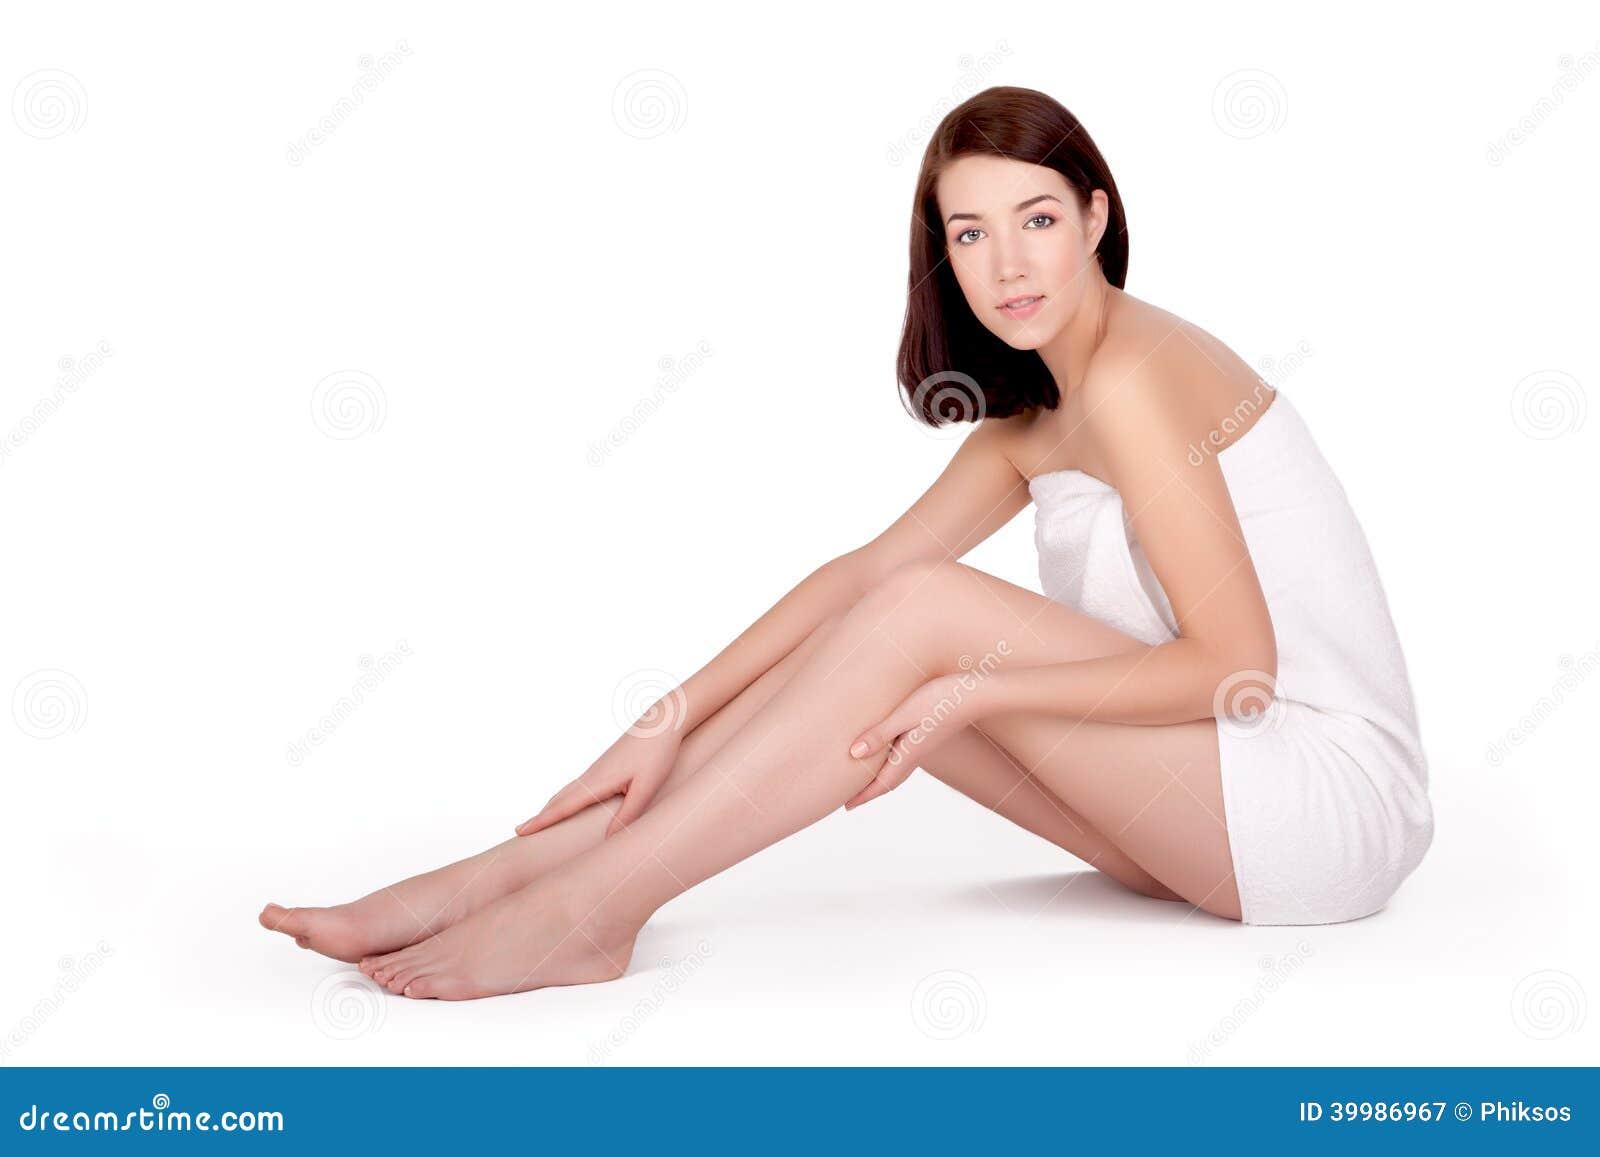 Adult Legs 119